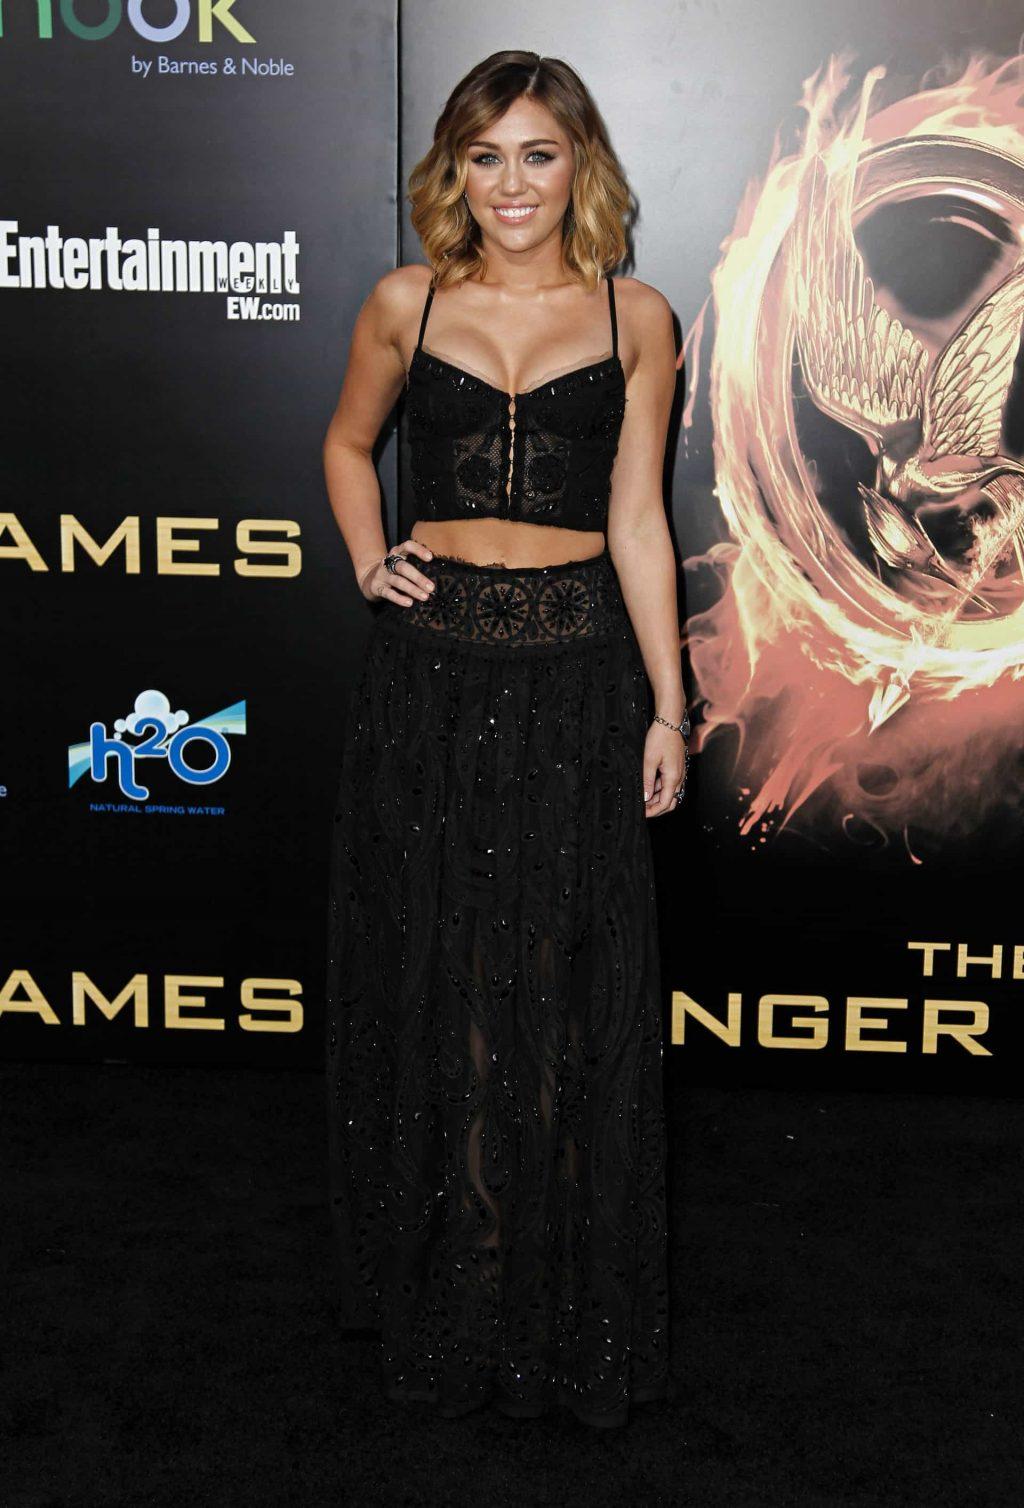 sự thay đổi trong phong cách thời trang của Miley Cyrus 9